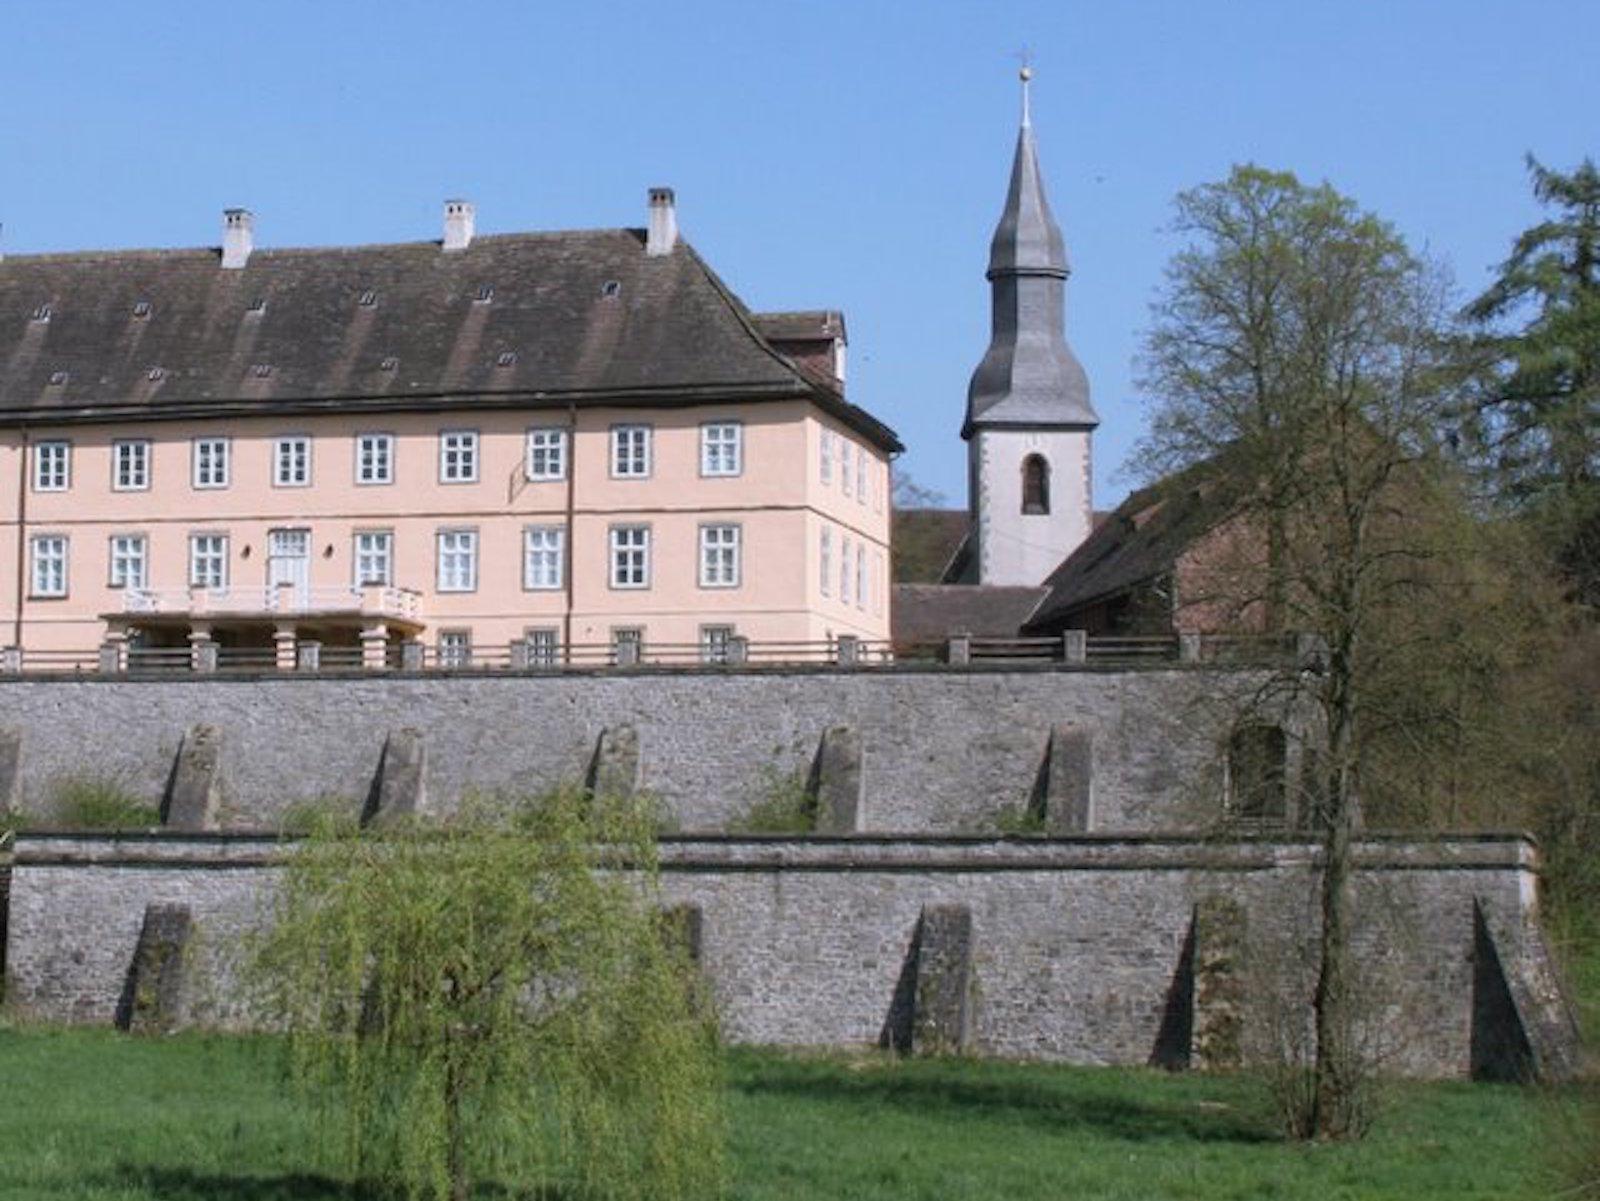 Herrenhaus Schloss Vörden mit der St. Kilian Kirche im Hintergrund